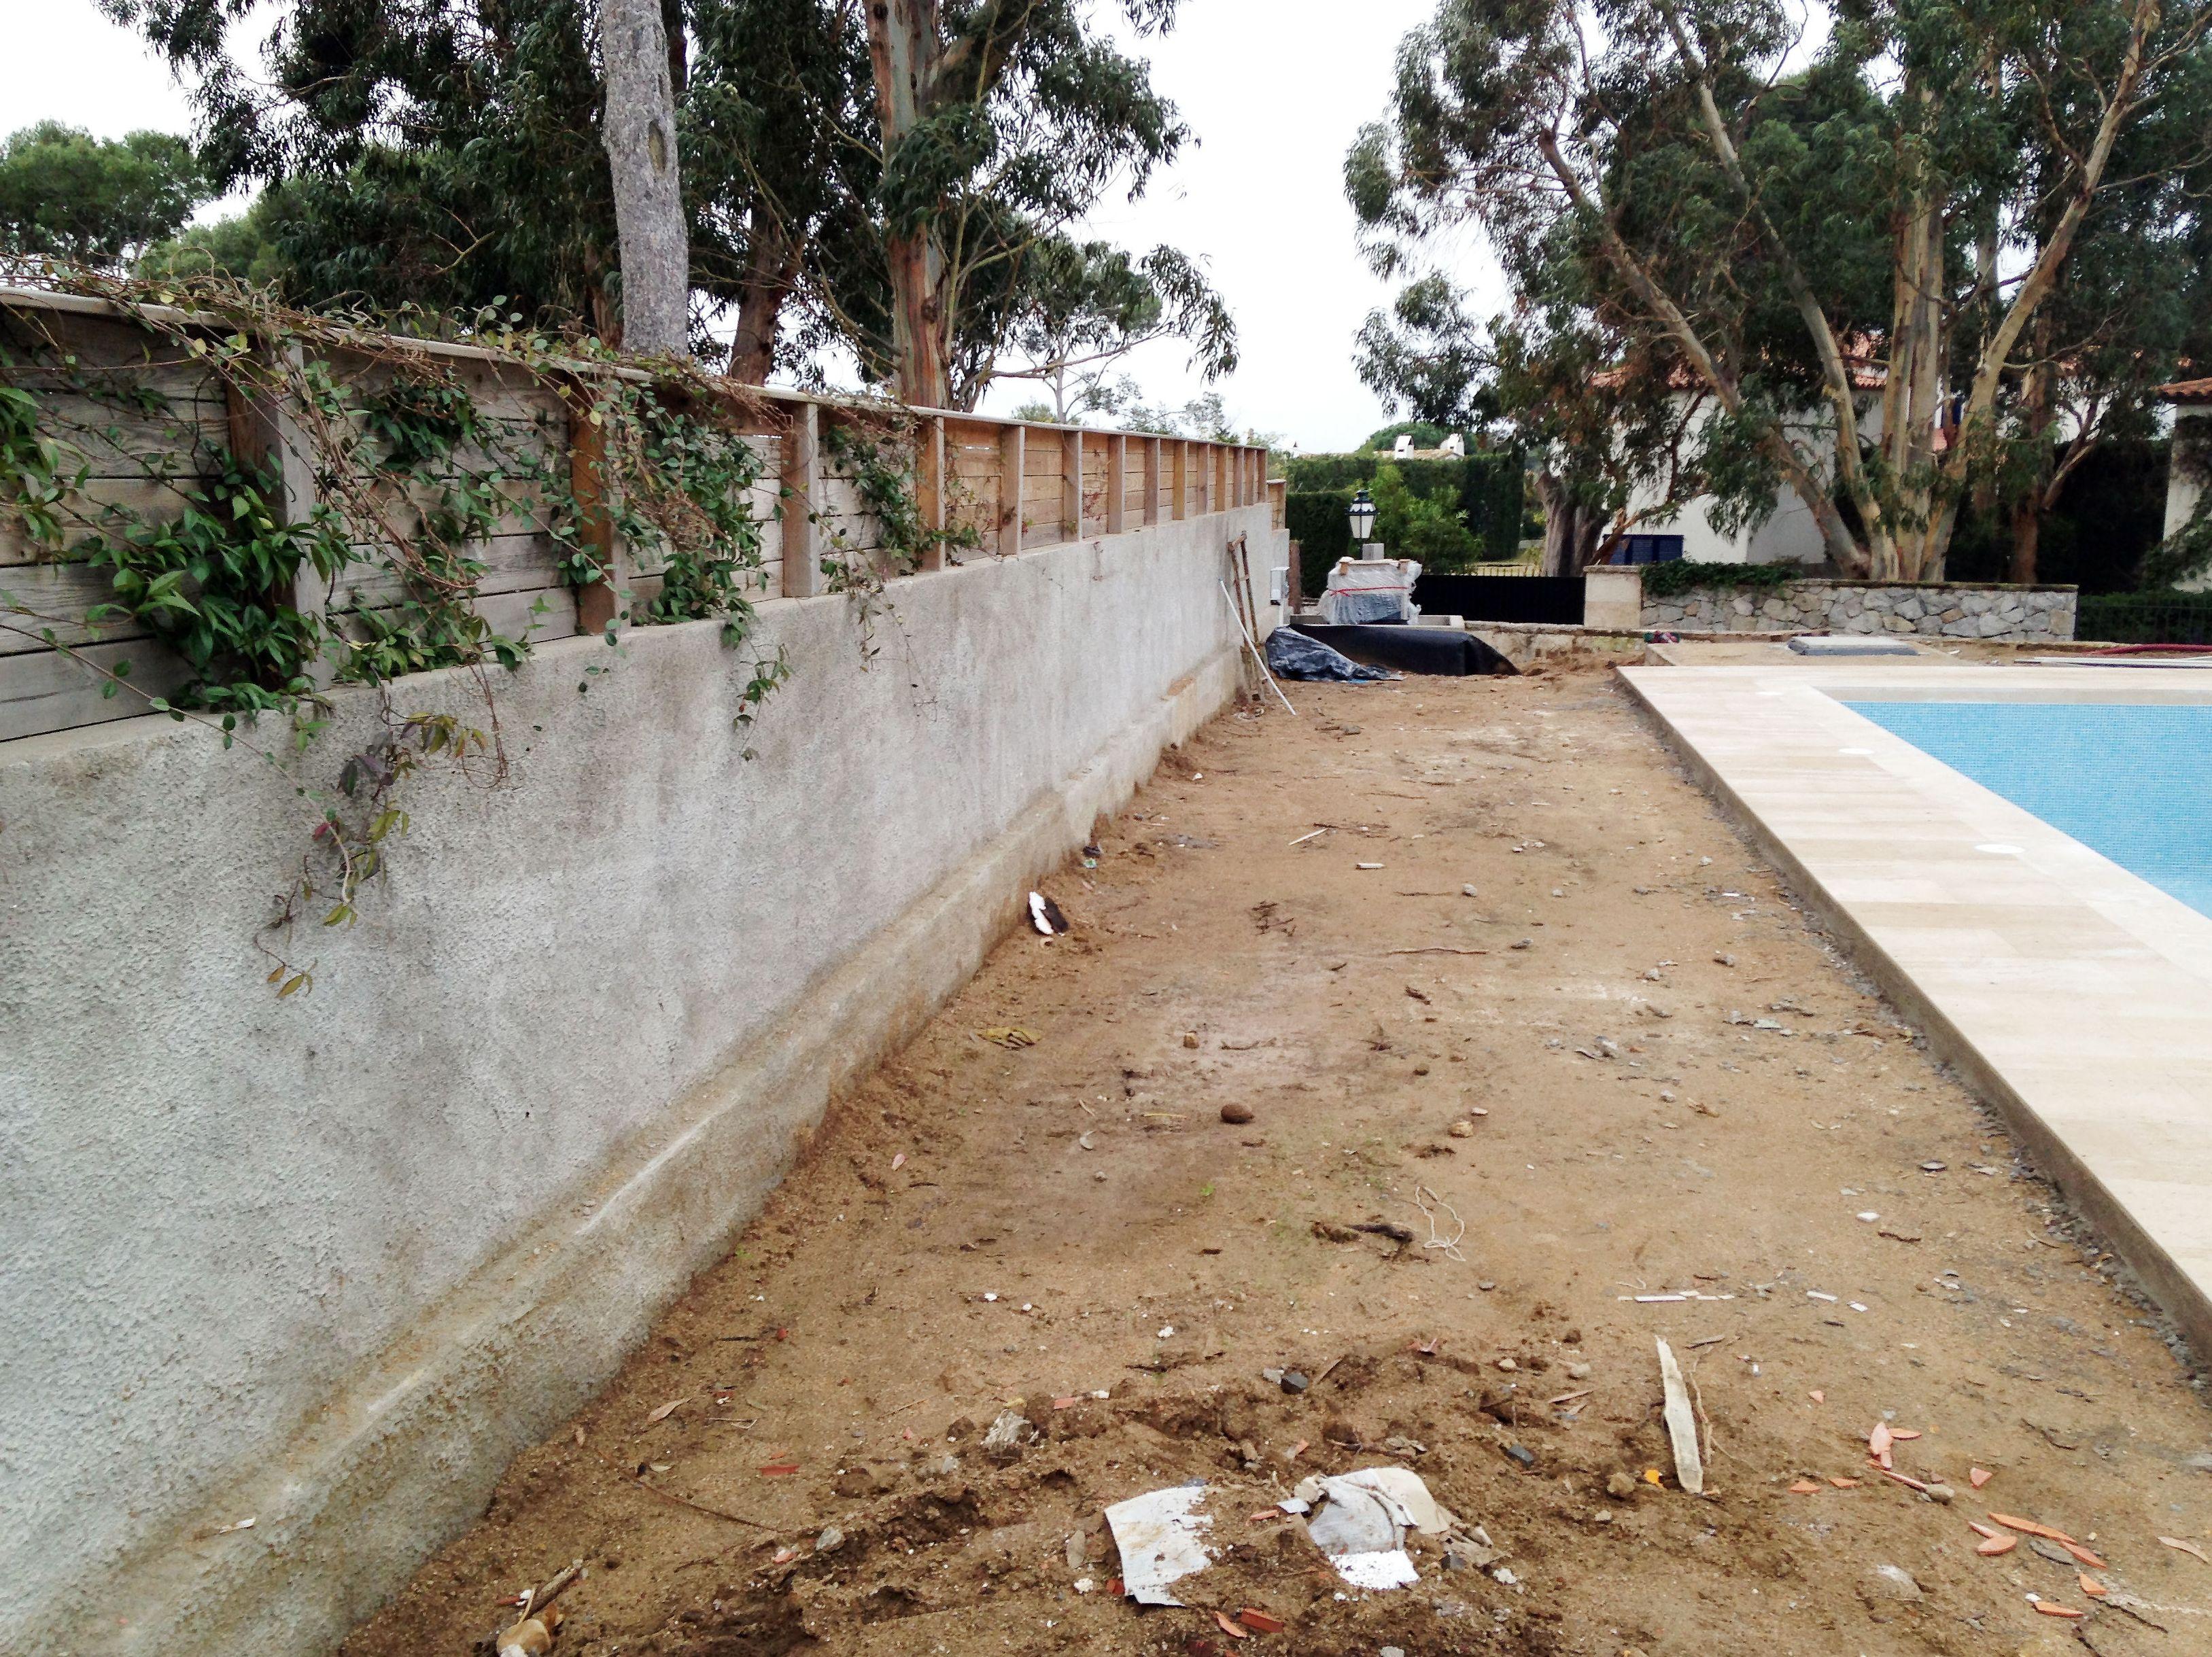 Diseño y construcción de jardines en la Costa Brava